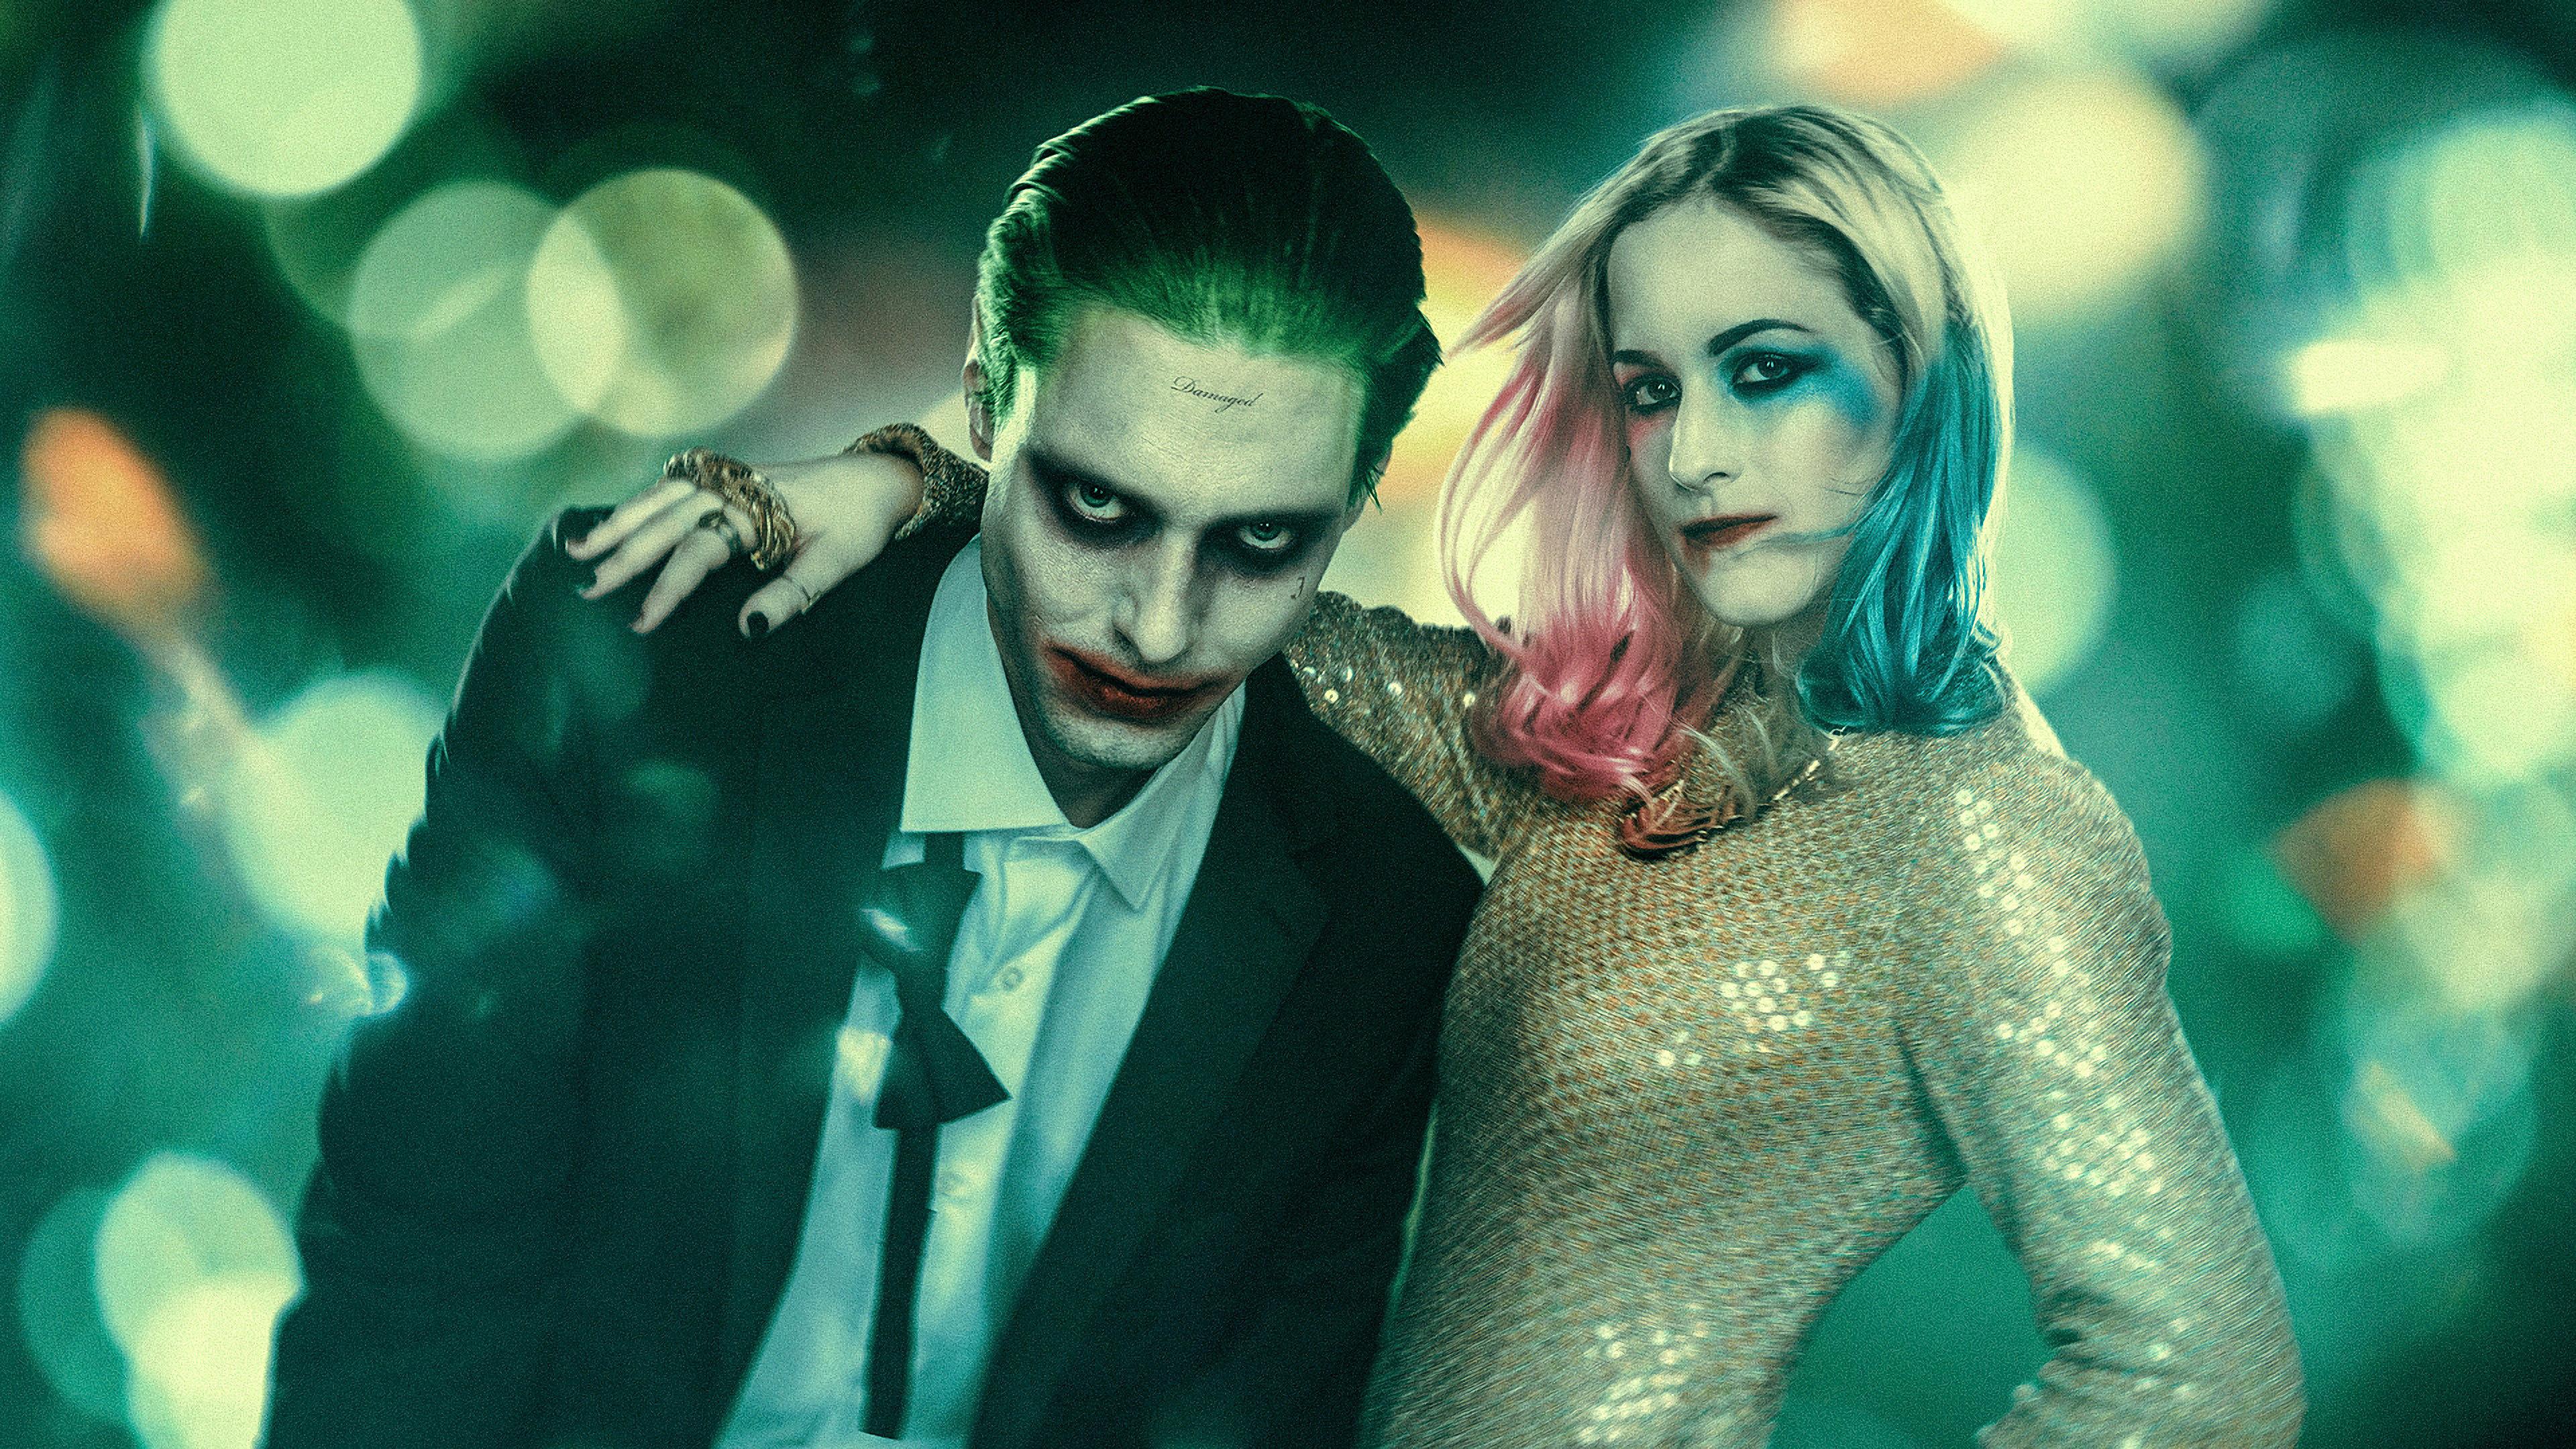 harley quinn joker cosplay 1568055101 - Harley Quinn Joker Cosplay - superheroes wallpapers, hd-wallpapers, harley quinn wallpapers, digital art wallpapers, cosplay wallpapers, behance wallpapers, artwork wallpapers, 4k-wallpapers